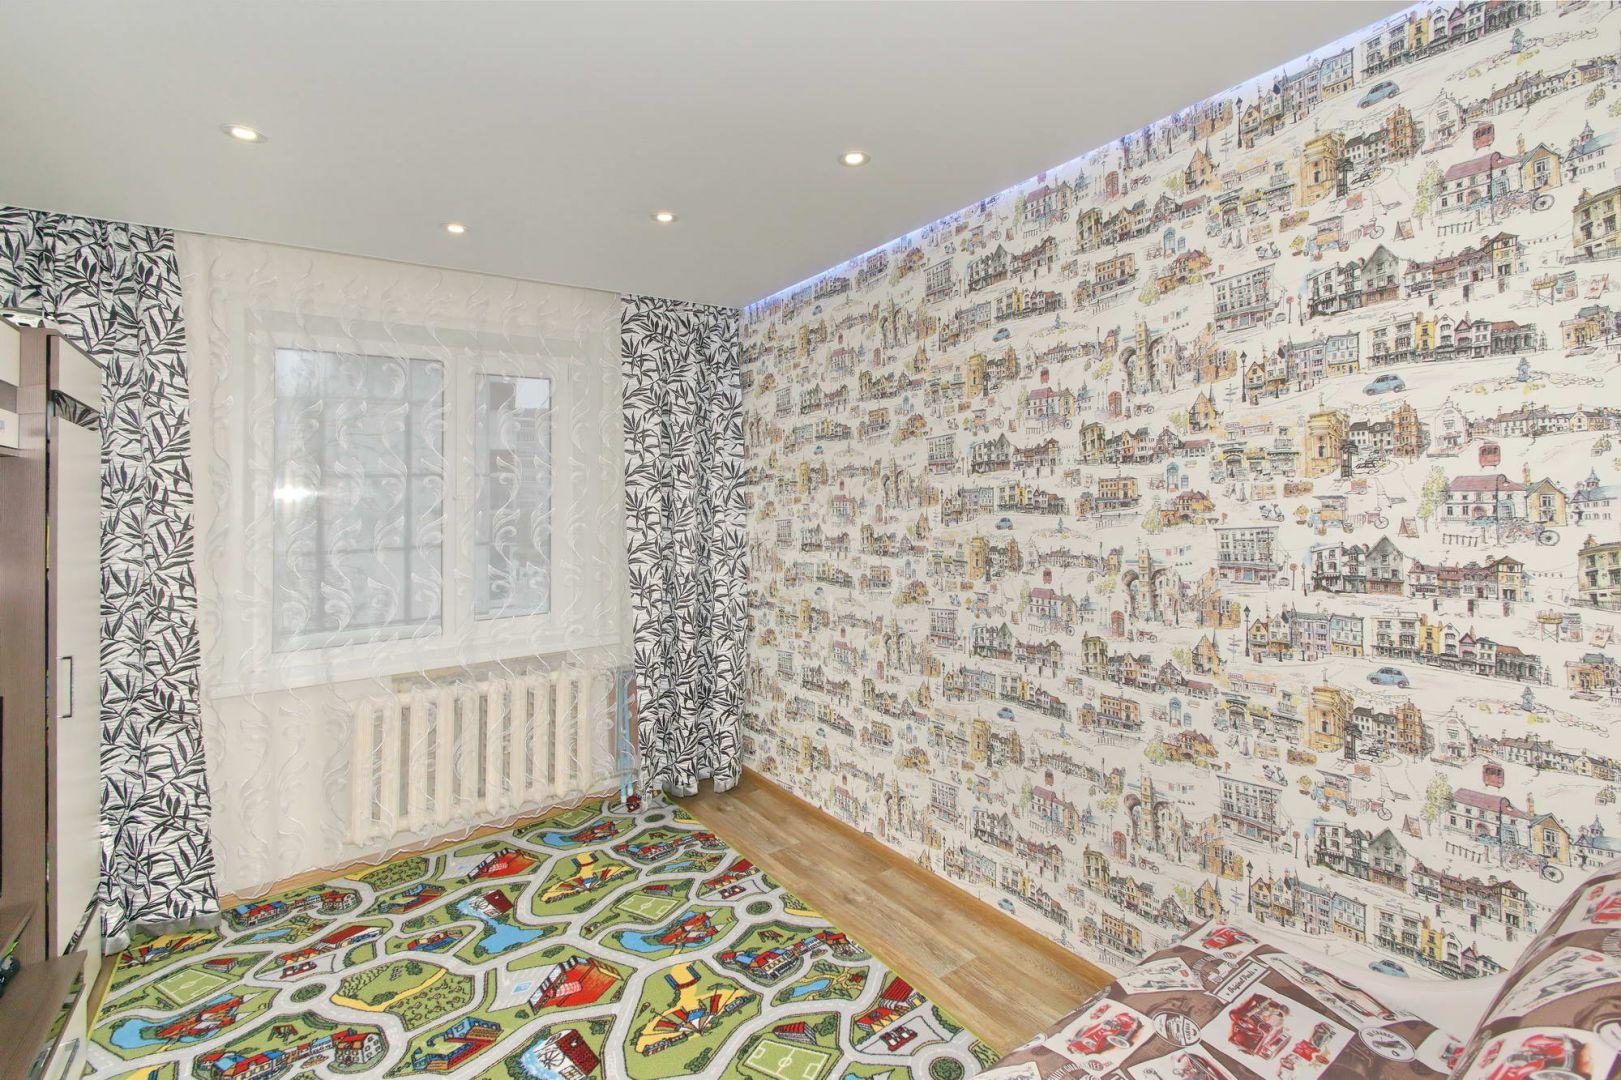 Продается двухкомнатная квартира за 3 850 000 рублей. 25 мкр, ул. Первопроходцев проезд, д. 14 (3.6 км до центра).